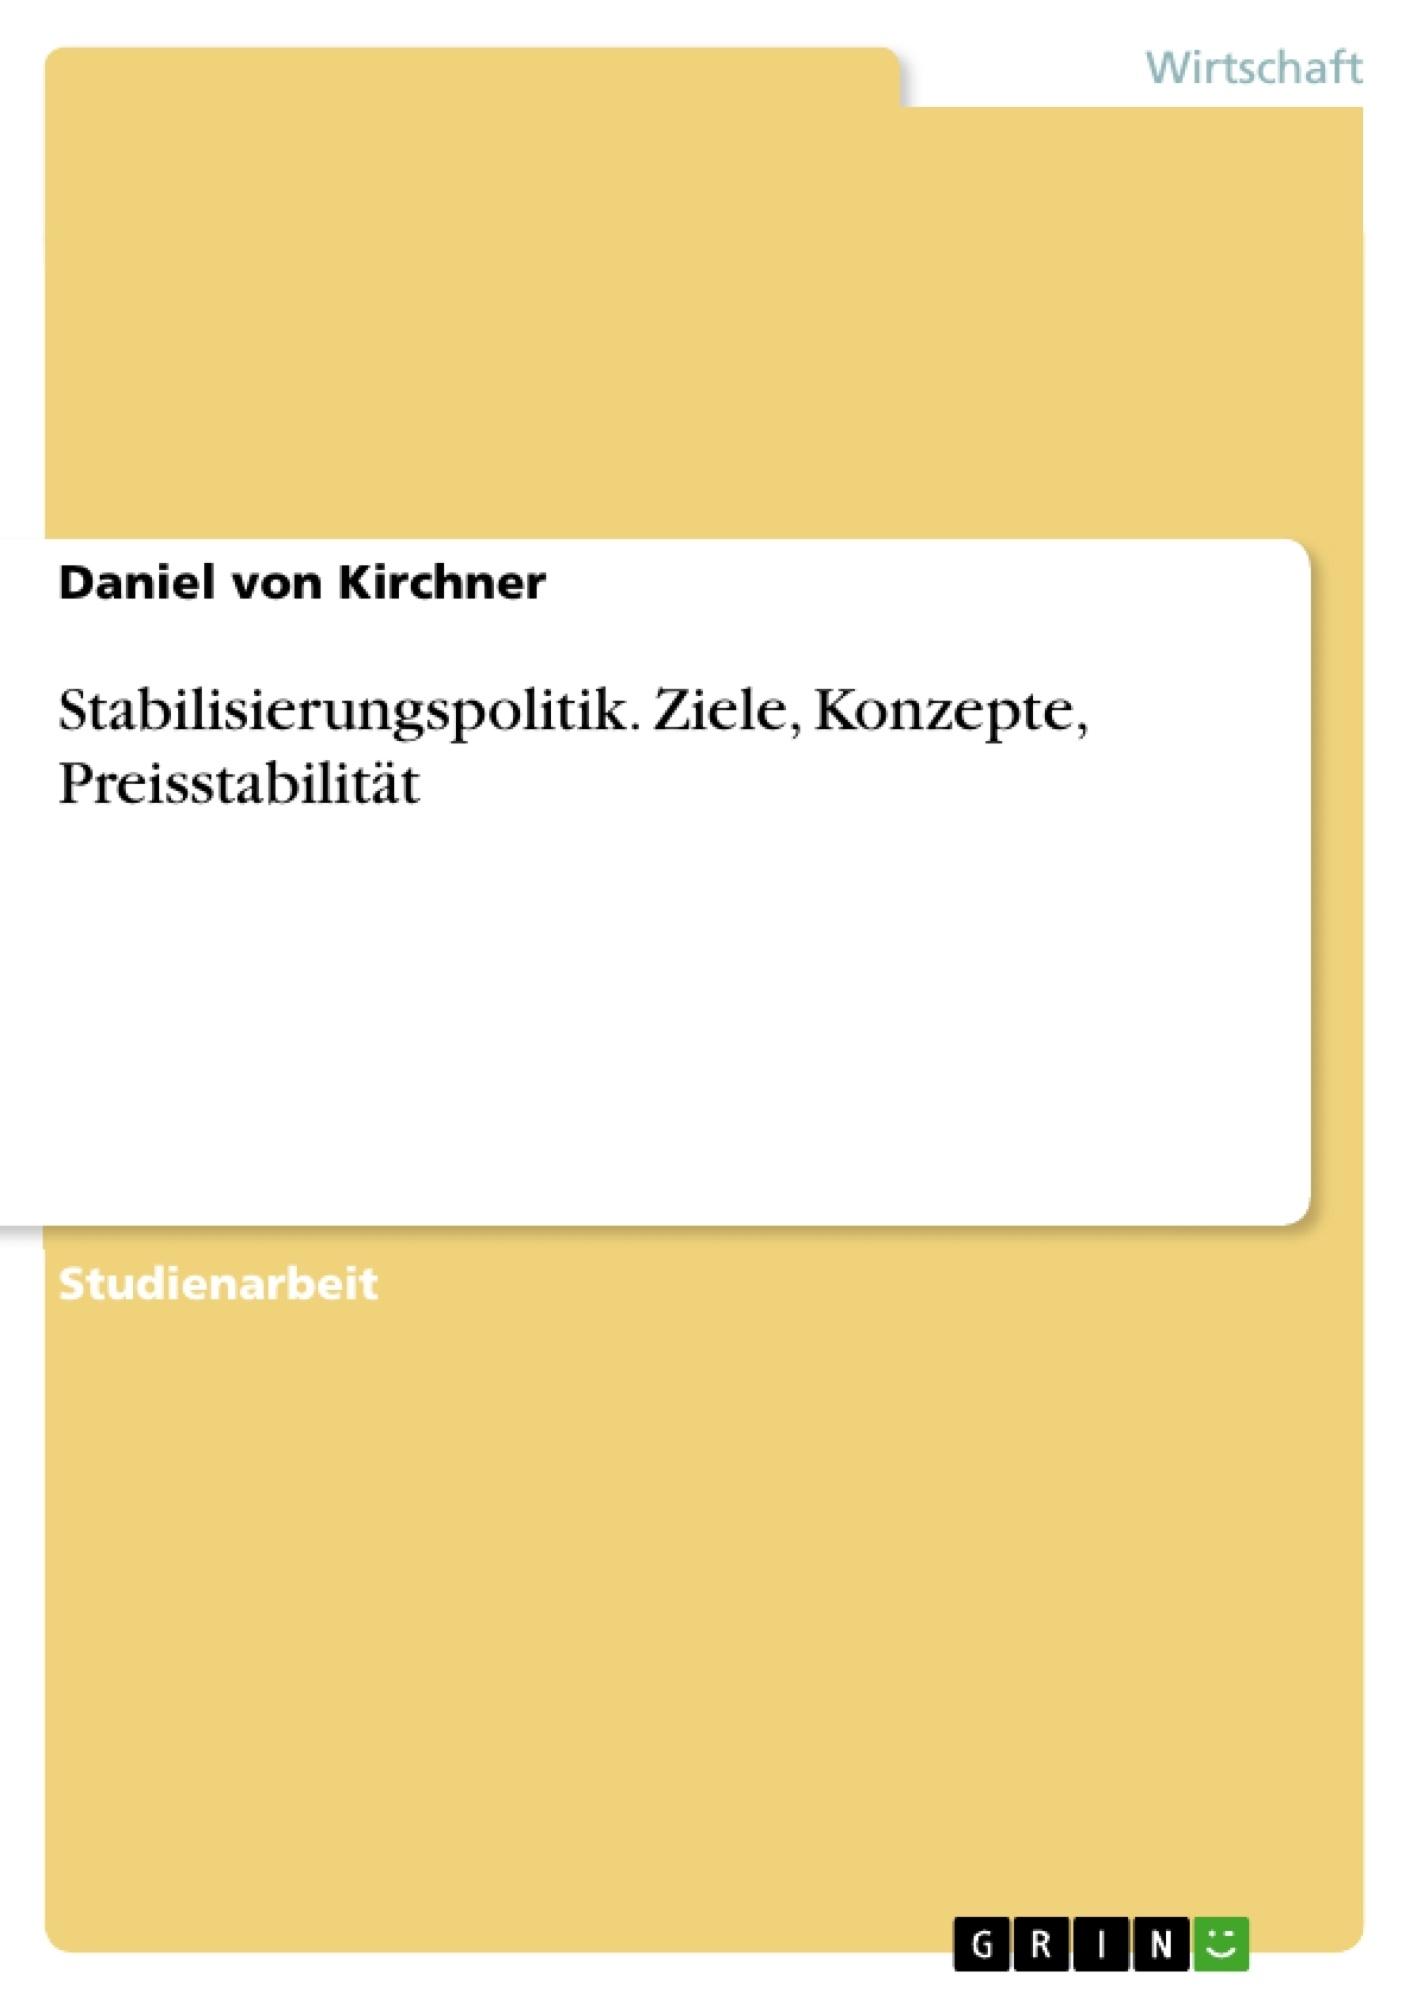 Titel: Stabilisierungspolitik. Ziele, Konzepte, Preisstabilität